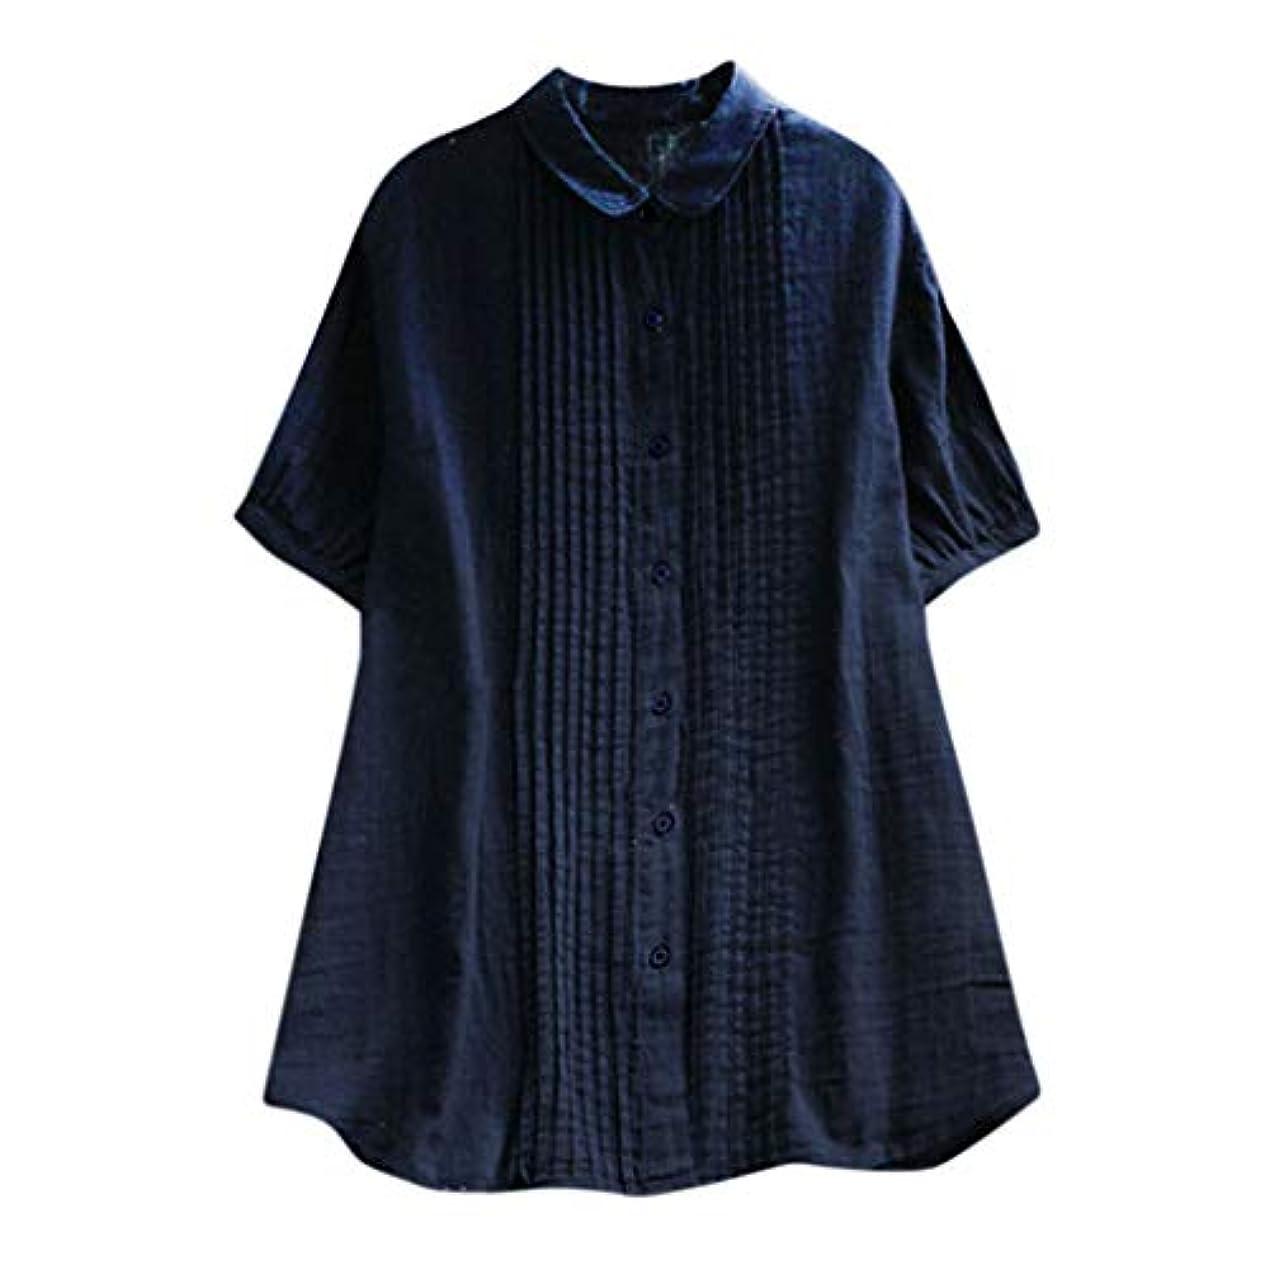 女性の半袖Tシャツ - ピーターパンカラー夏緩い無地カジュアルダウントップスブラウス (青, 2XL)